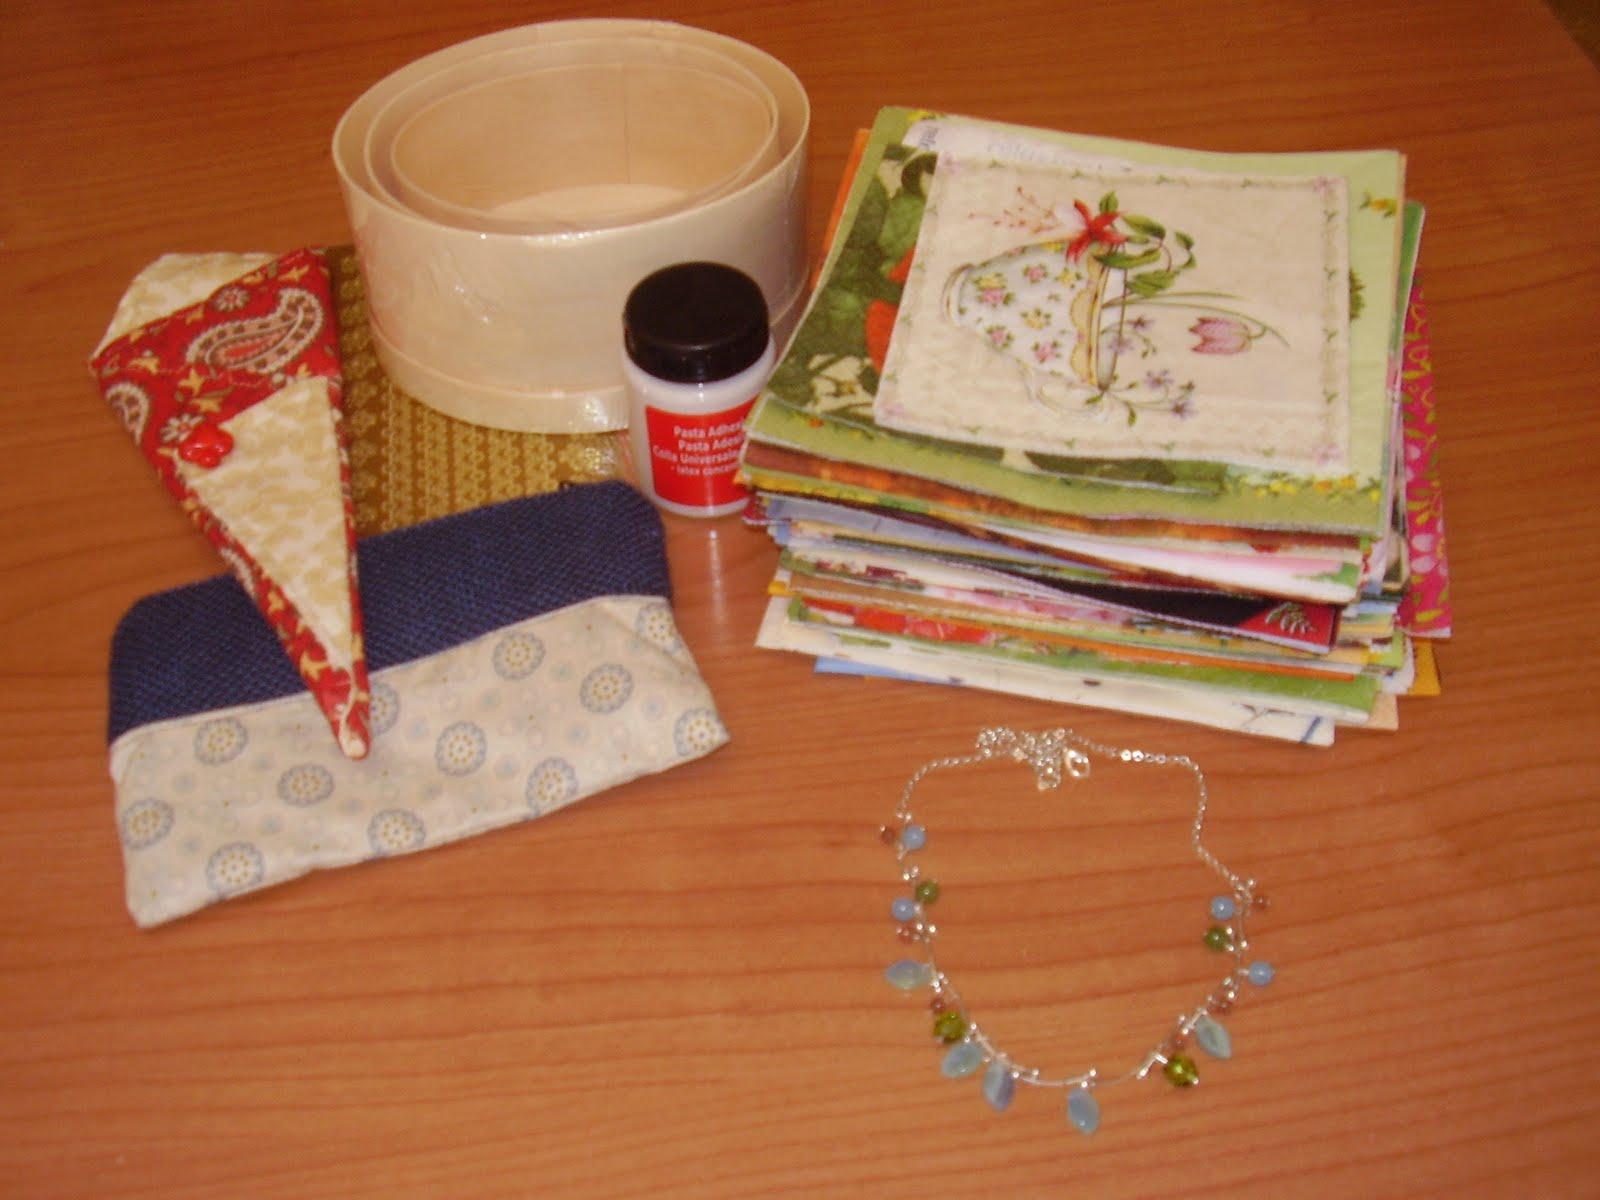 Decoupage en madera con servilletas imagui for Decoupage con servilletas en muebles